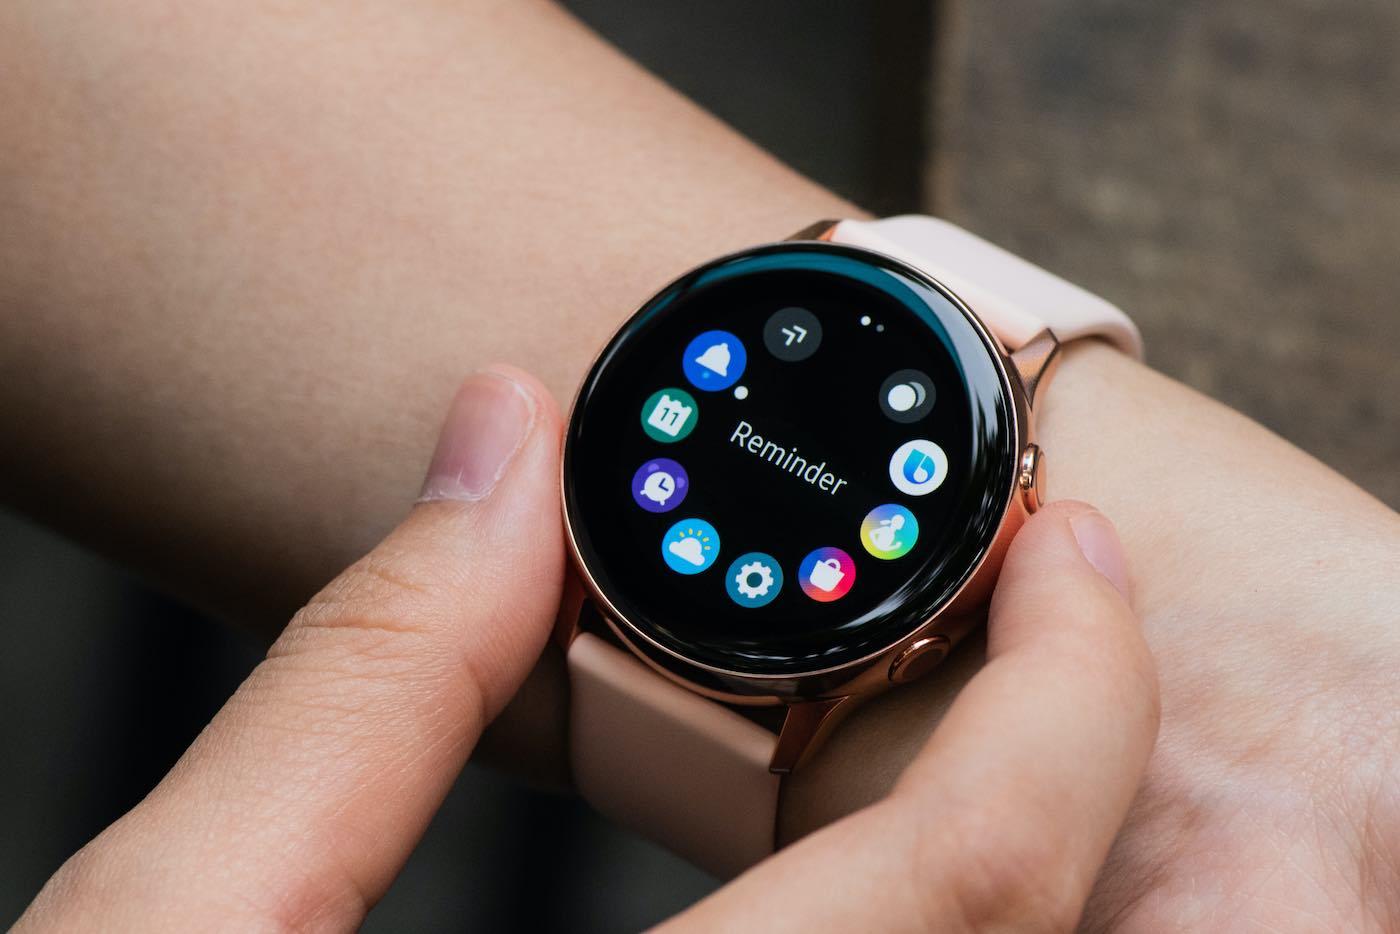 GX Smartwatch Opiniones: ¿Un smartwatch de lujo que vale la pena?